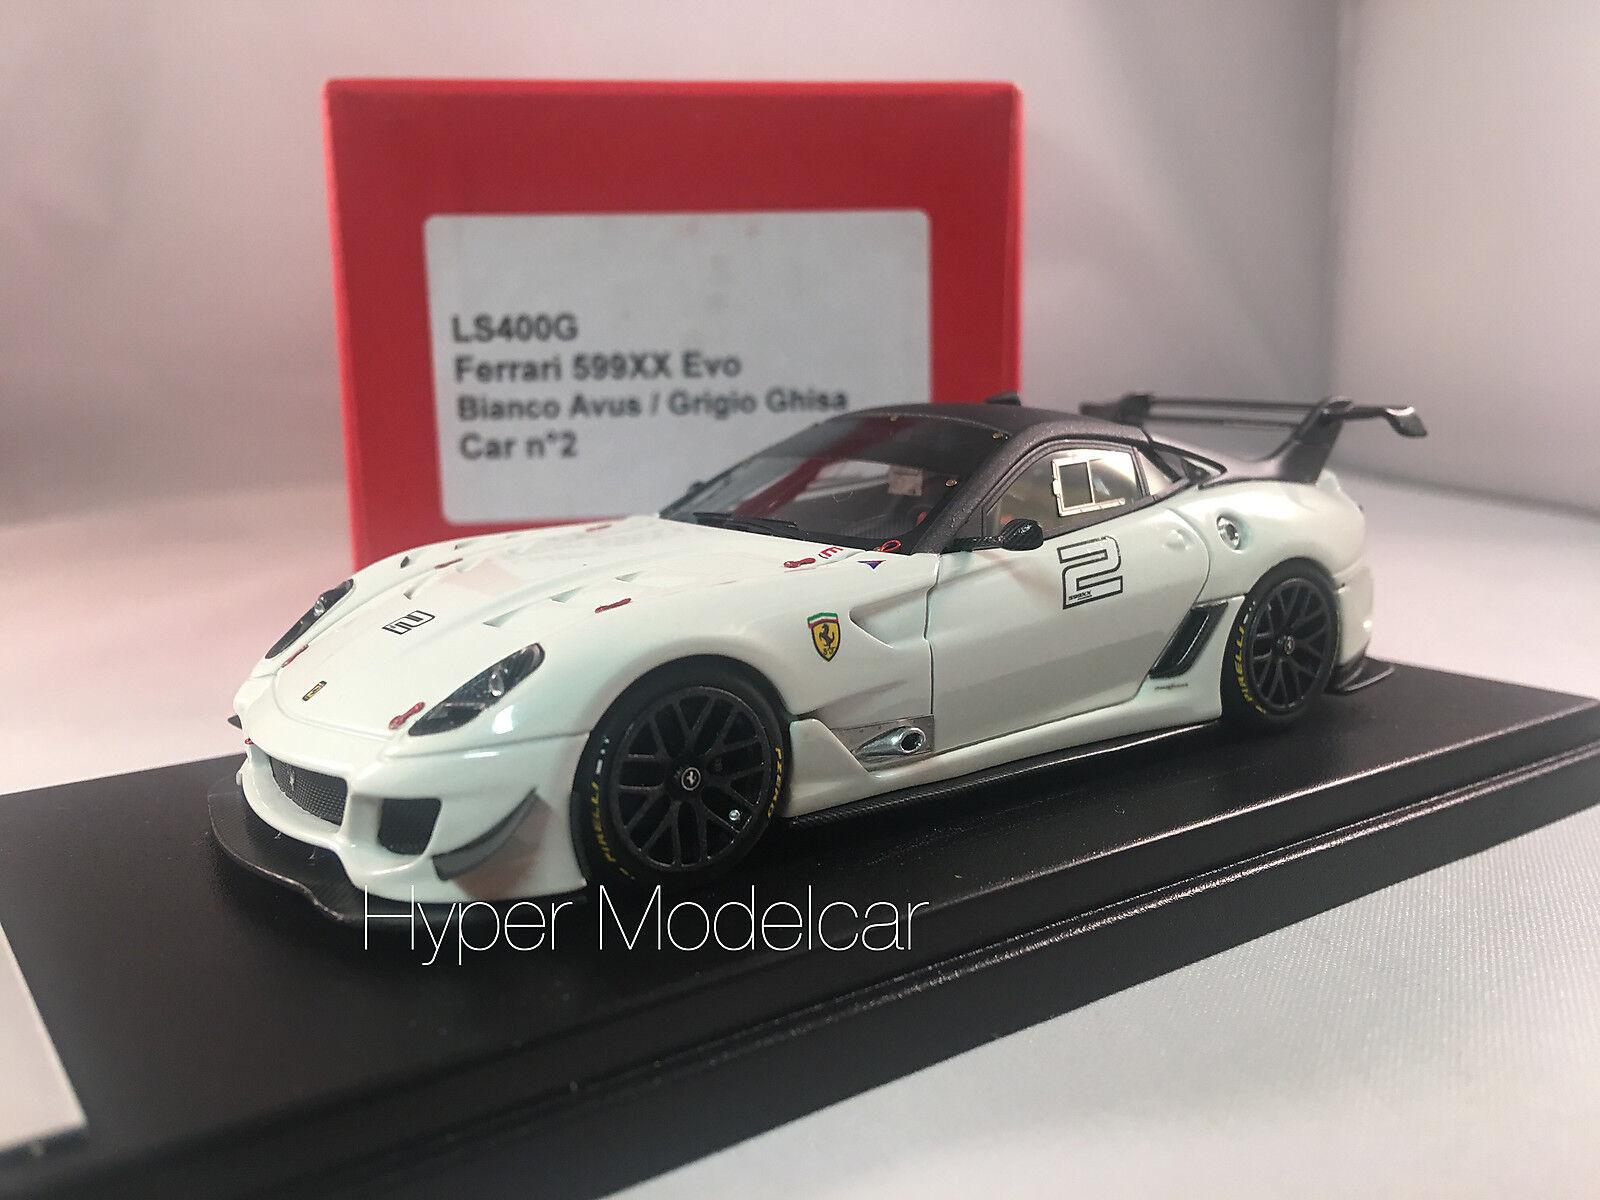 LOOKSMART 1 43 Ferrari 599XX EVO Bianco Avus Art. LS400G - no bbr